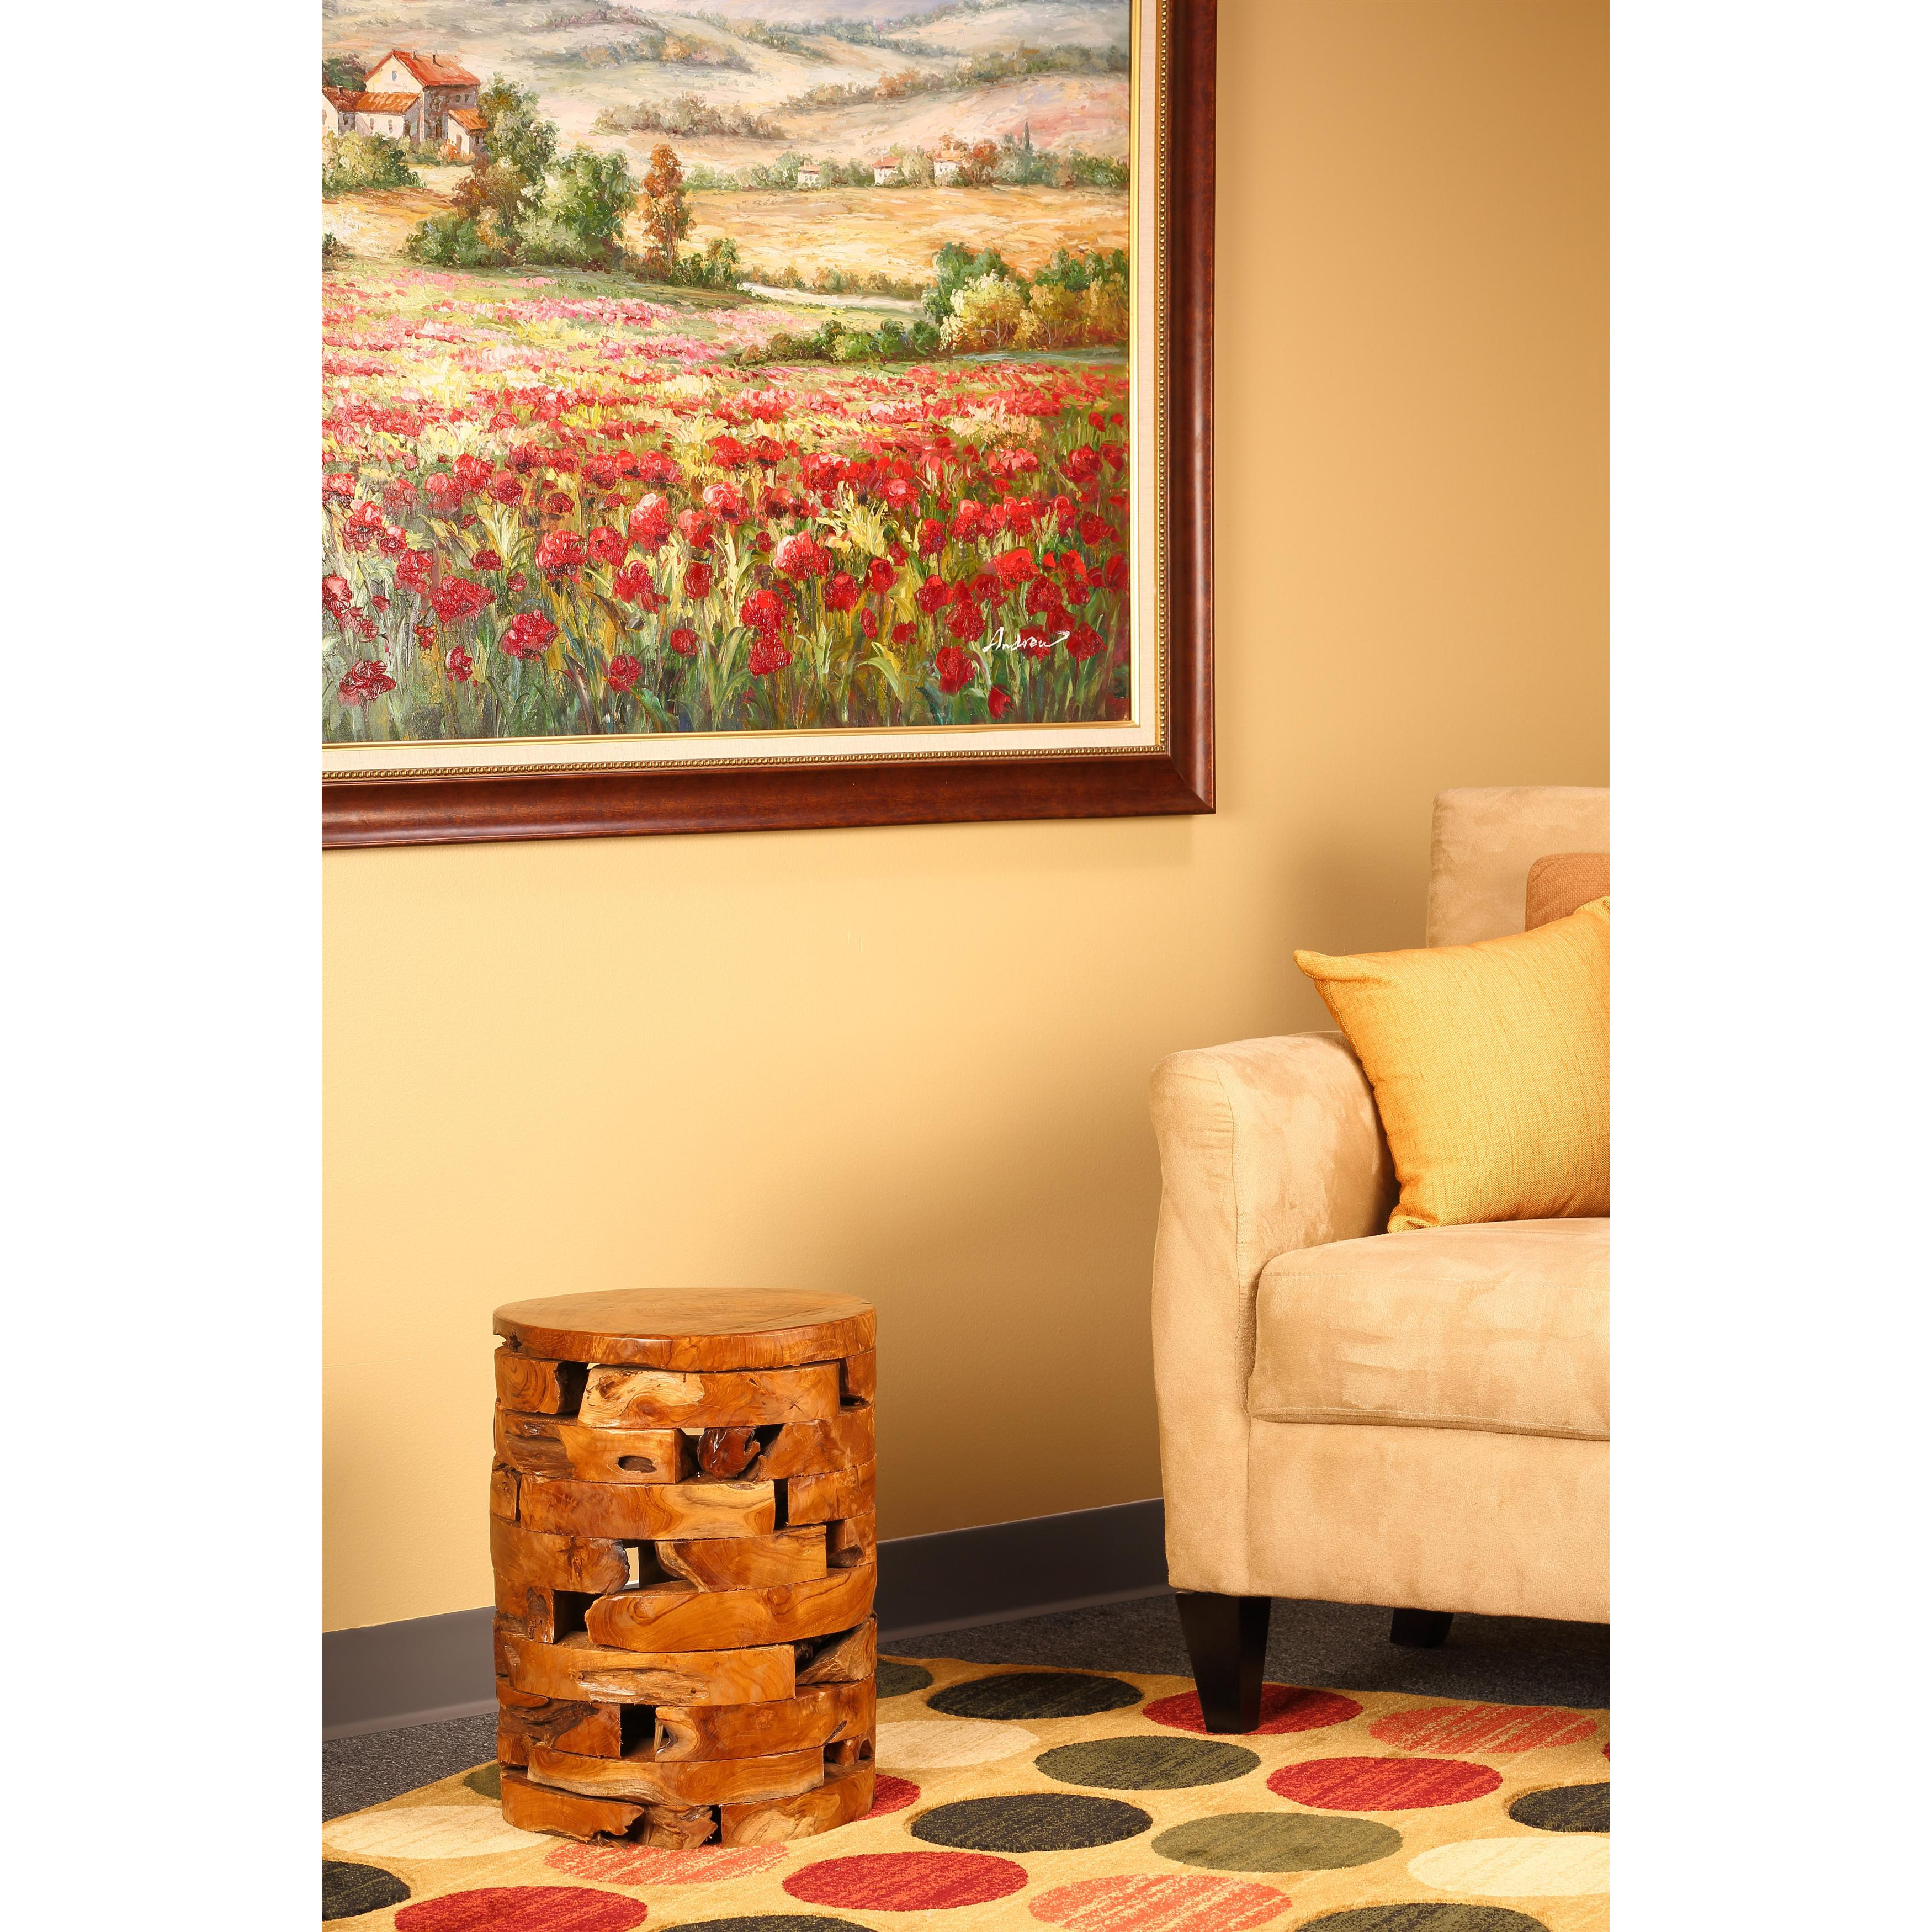 Bare Decor Stonehenge Solid Teak Wood Stump End Table - Free ...